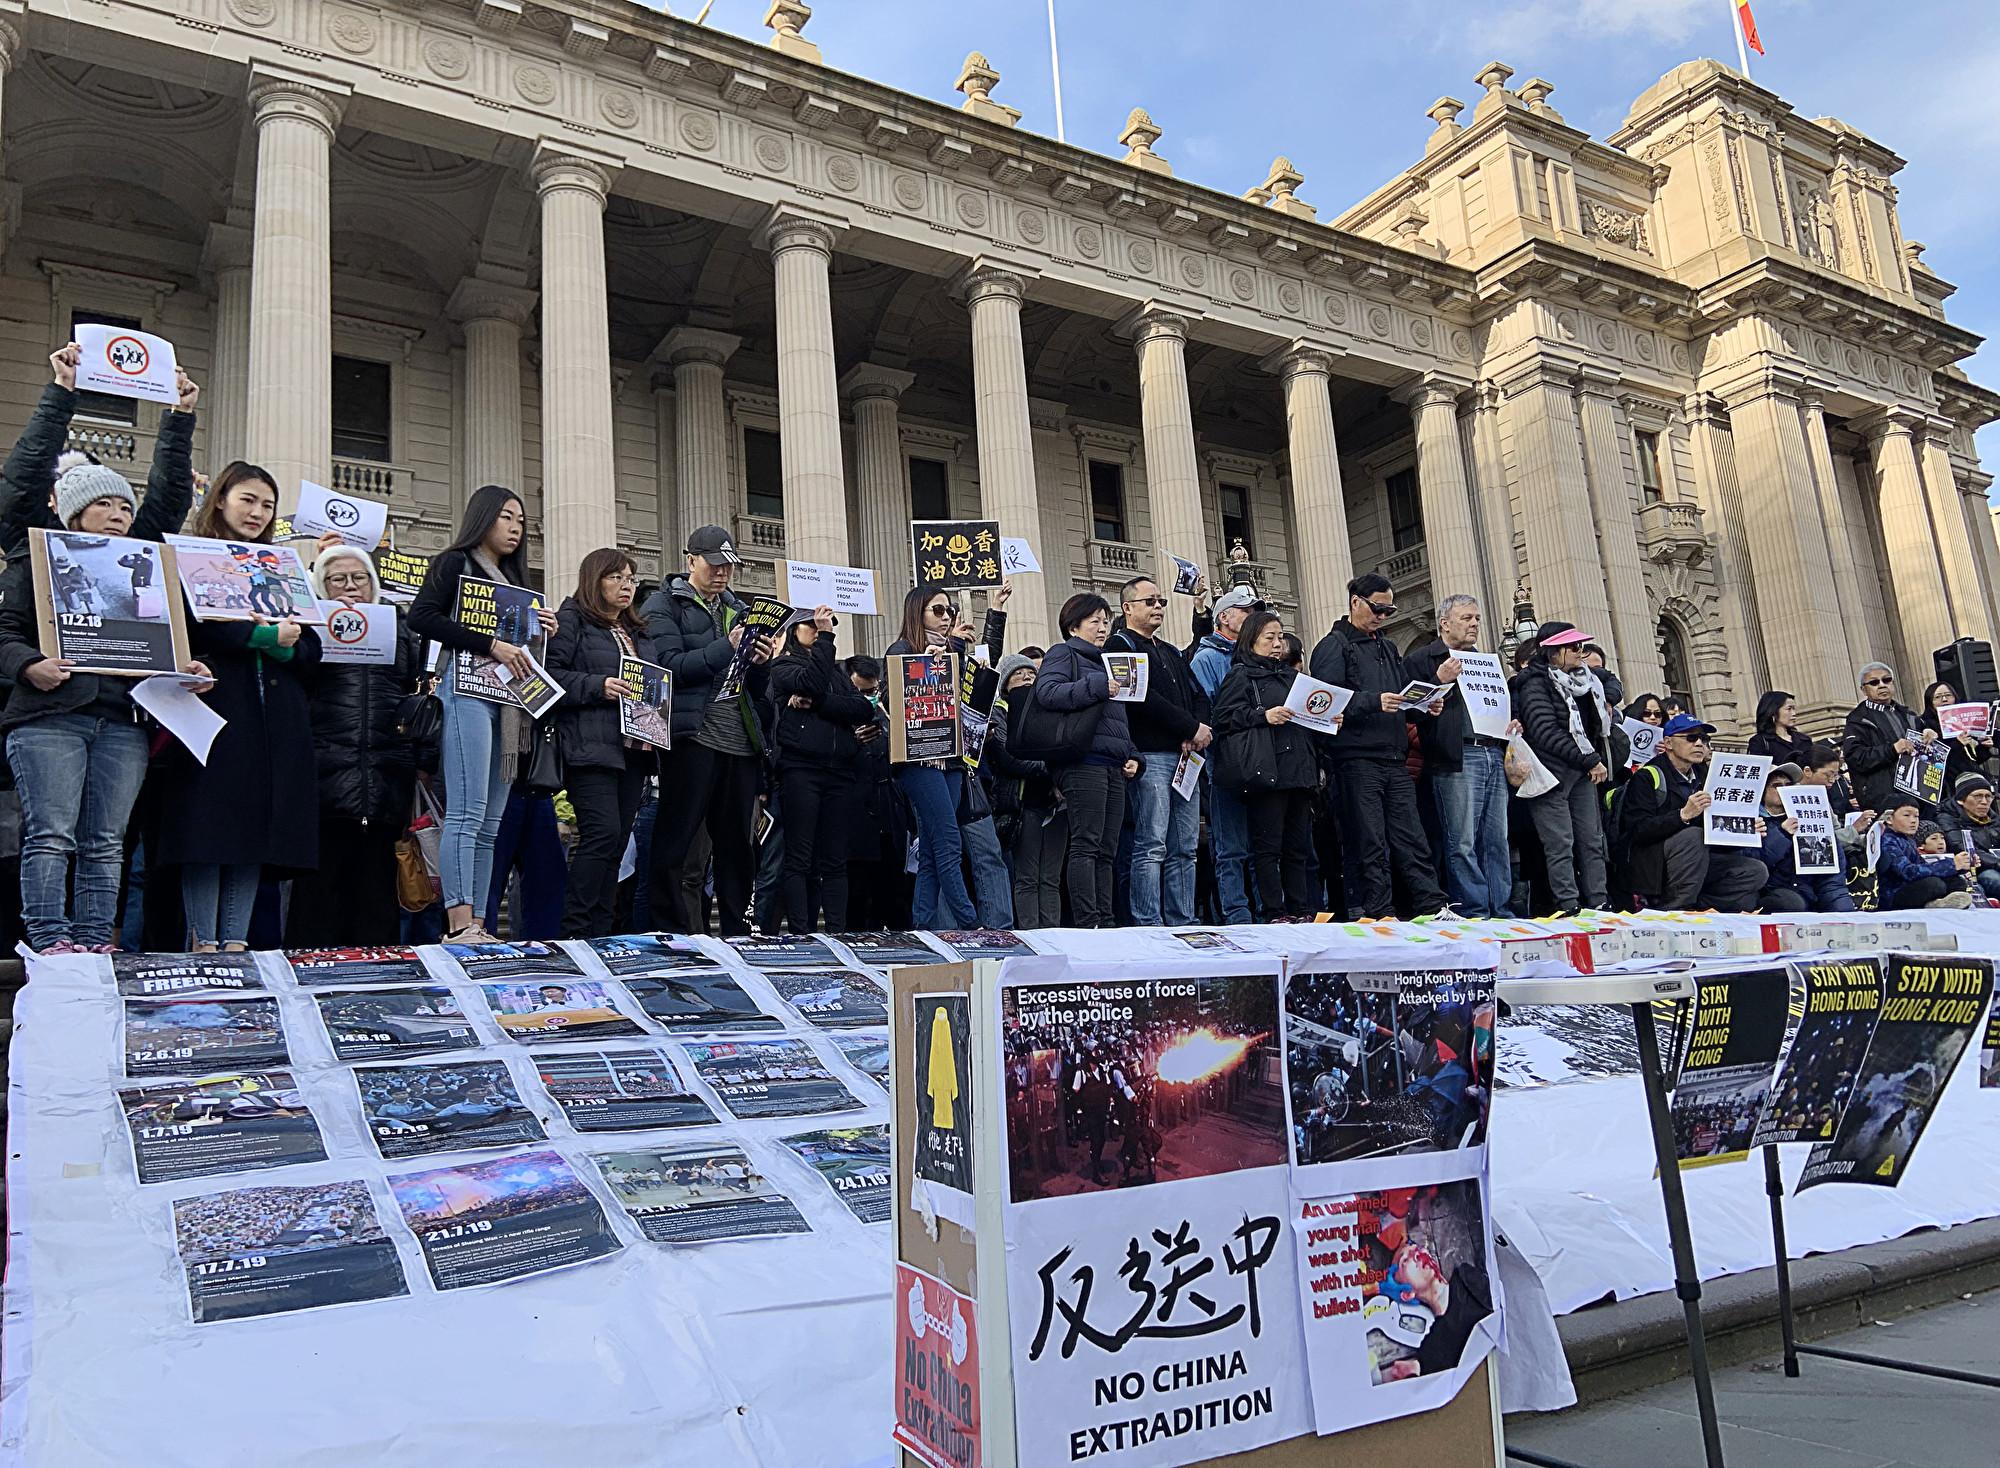 網傳反對港人抗爭遊行獲批 墨爾本市府闢謠